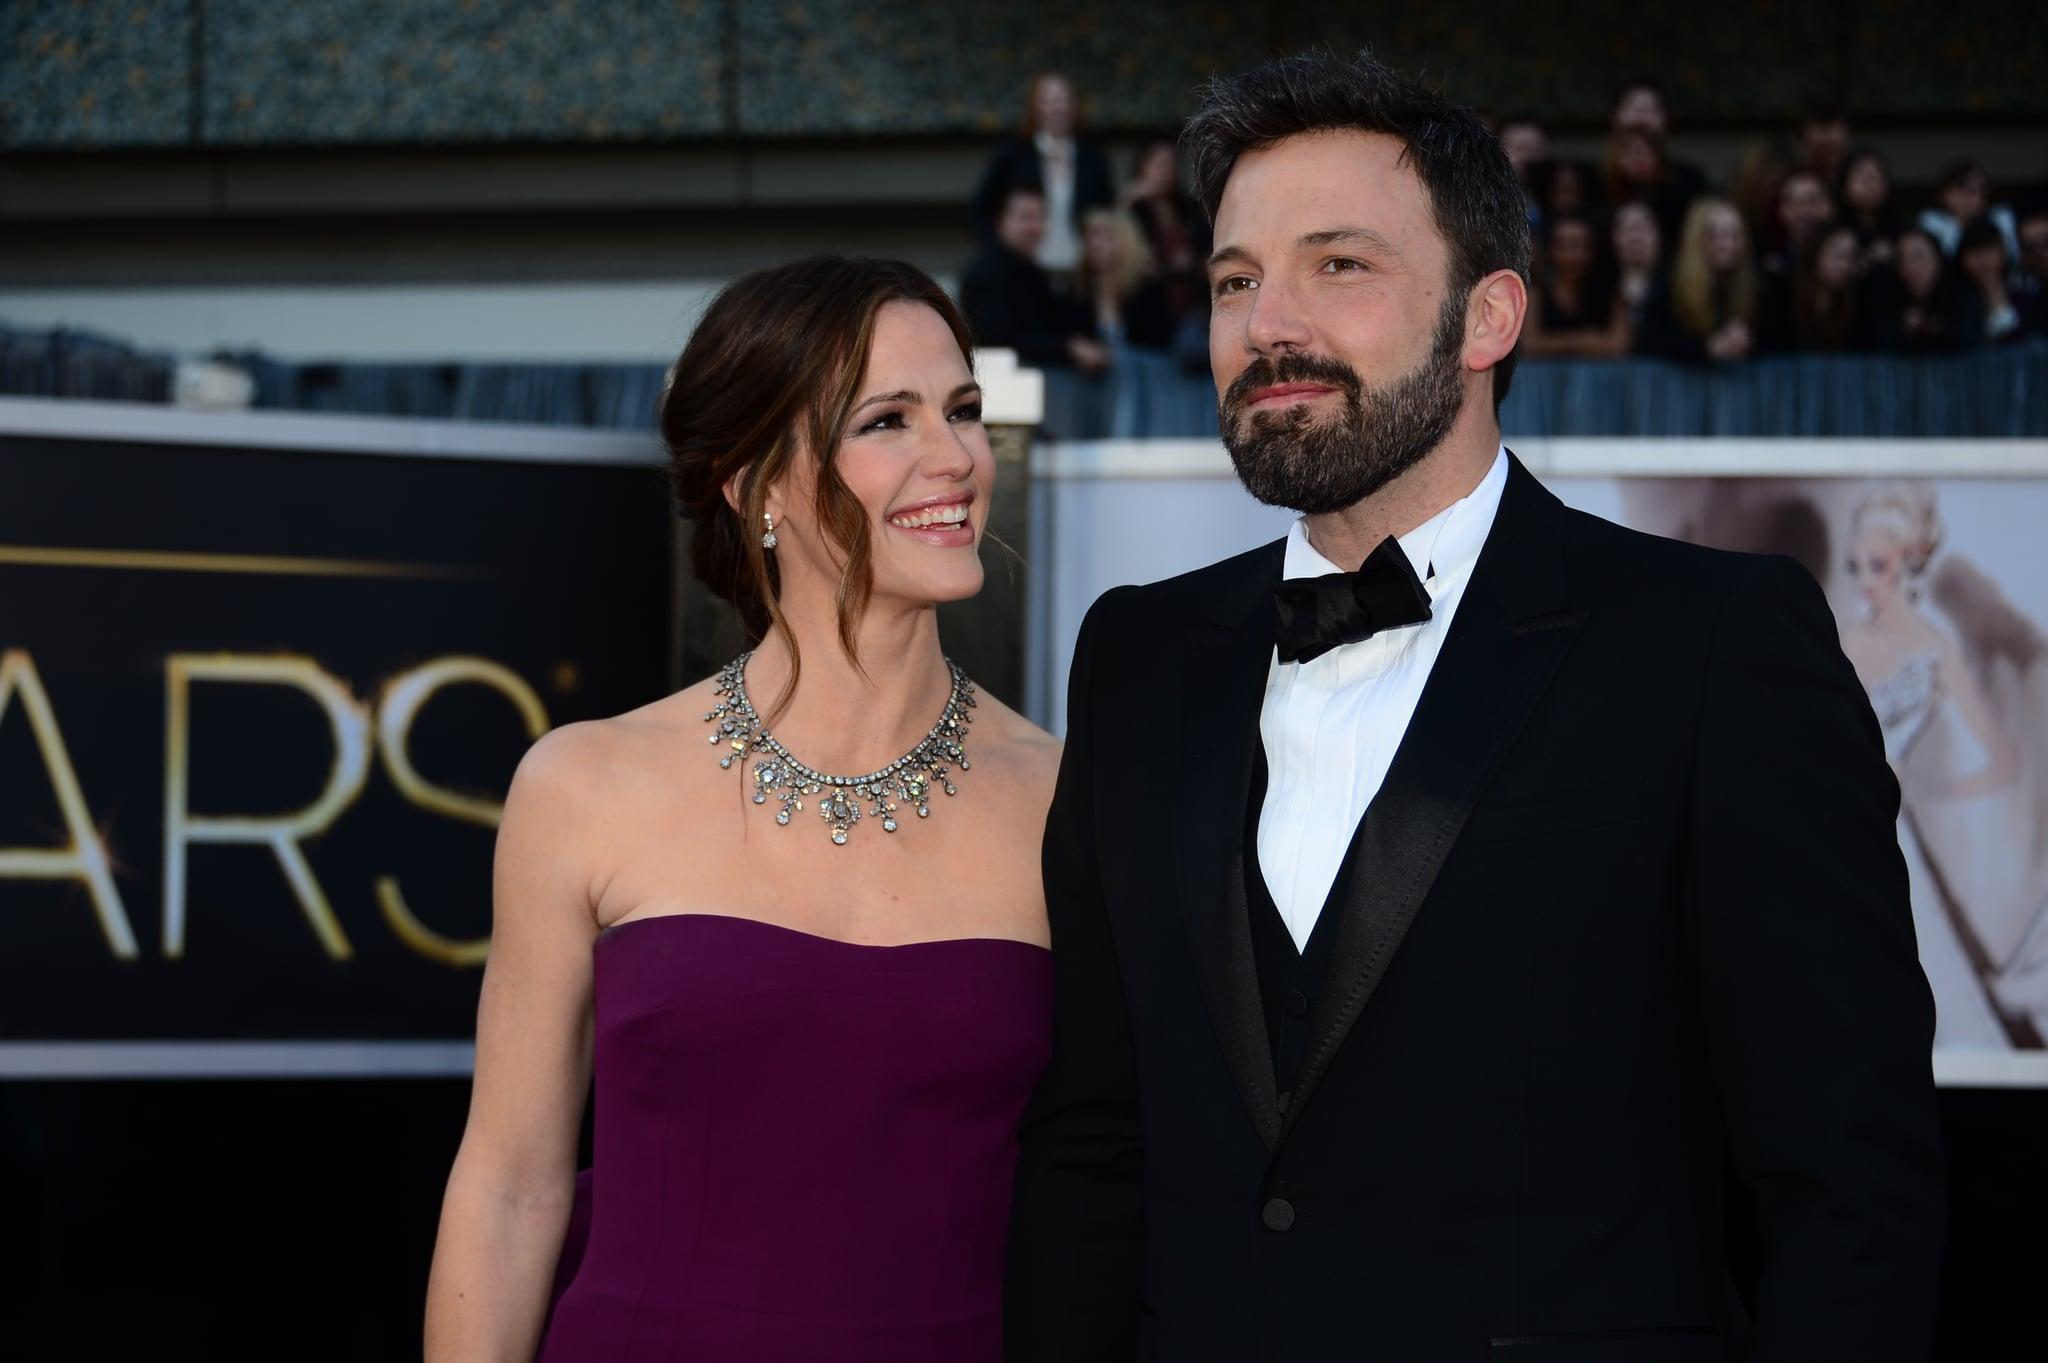 Jennifer Garner gave her husband, Ben Affleck, the look of love.